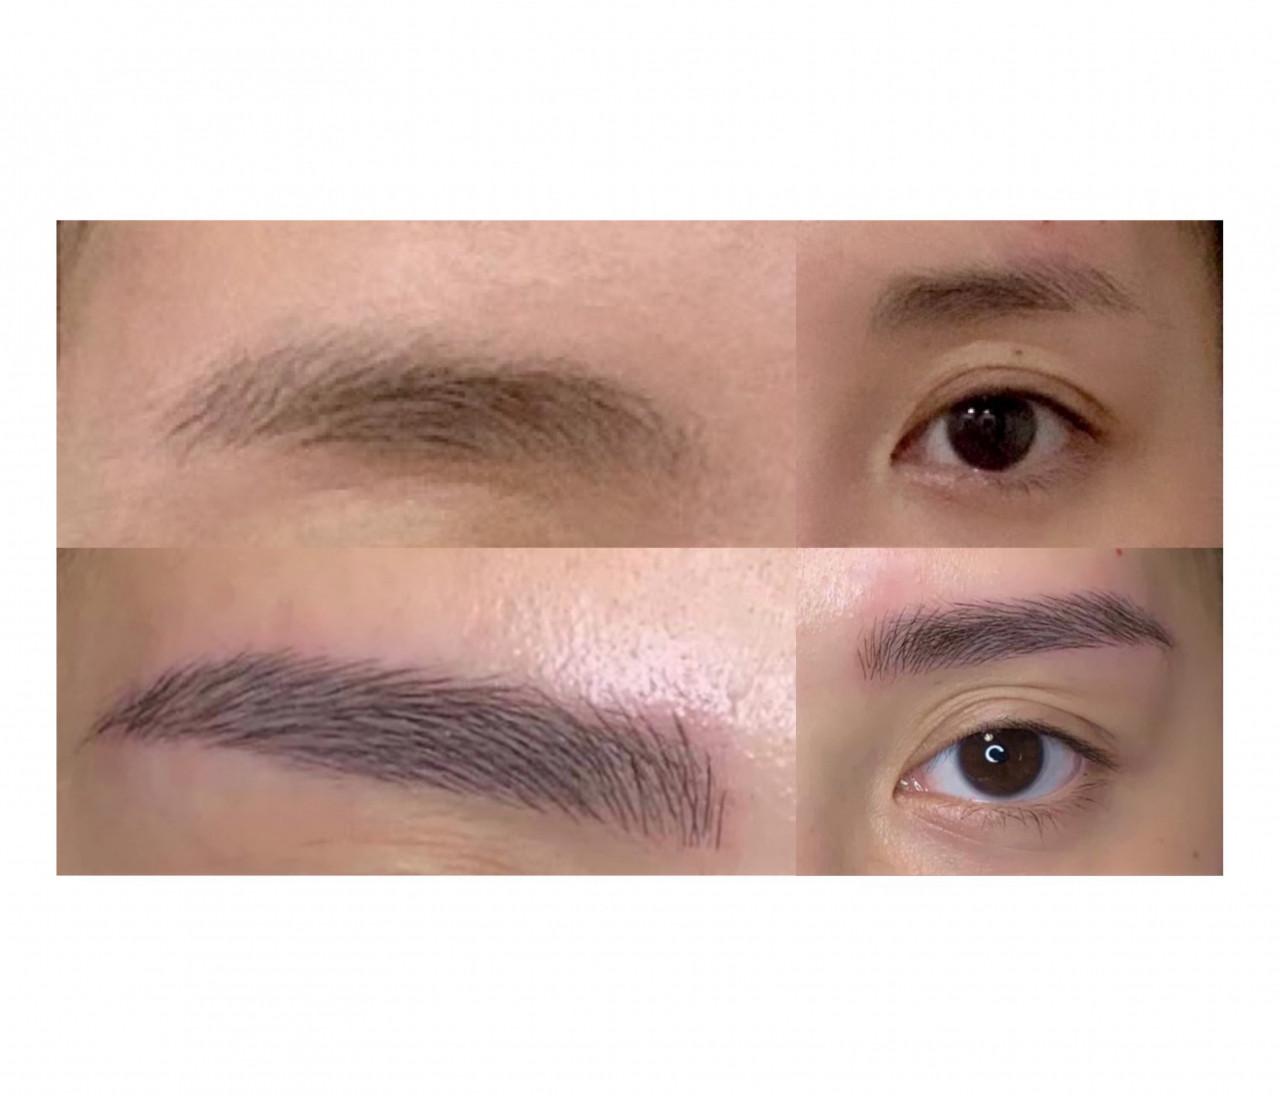 【眉毛アートメイク】を体験レポ②:Before & After/アフターケアーと痛み